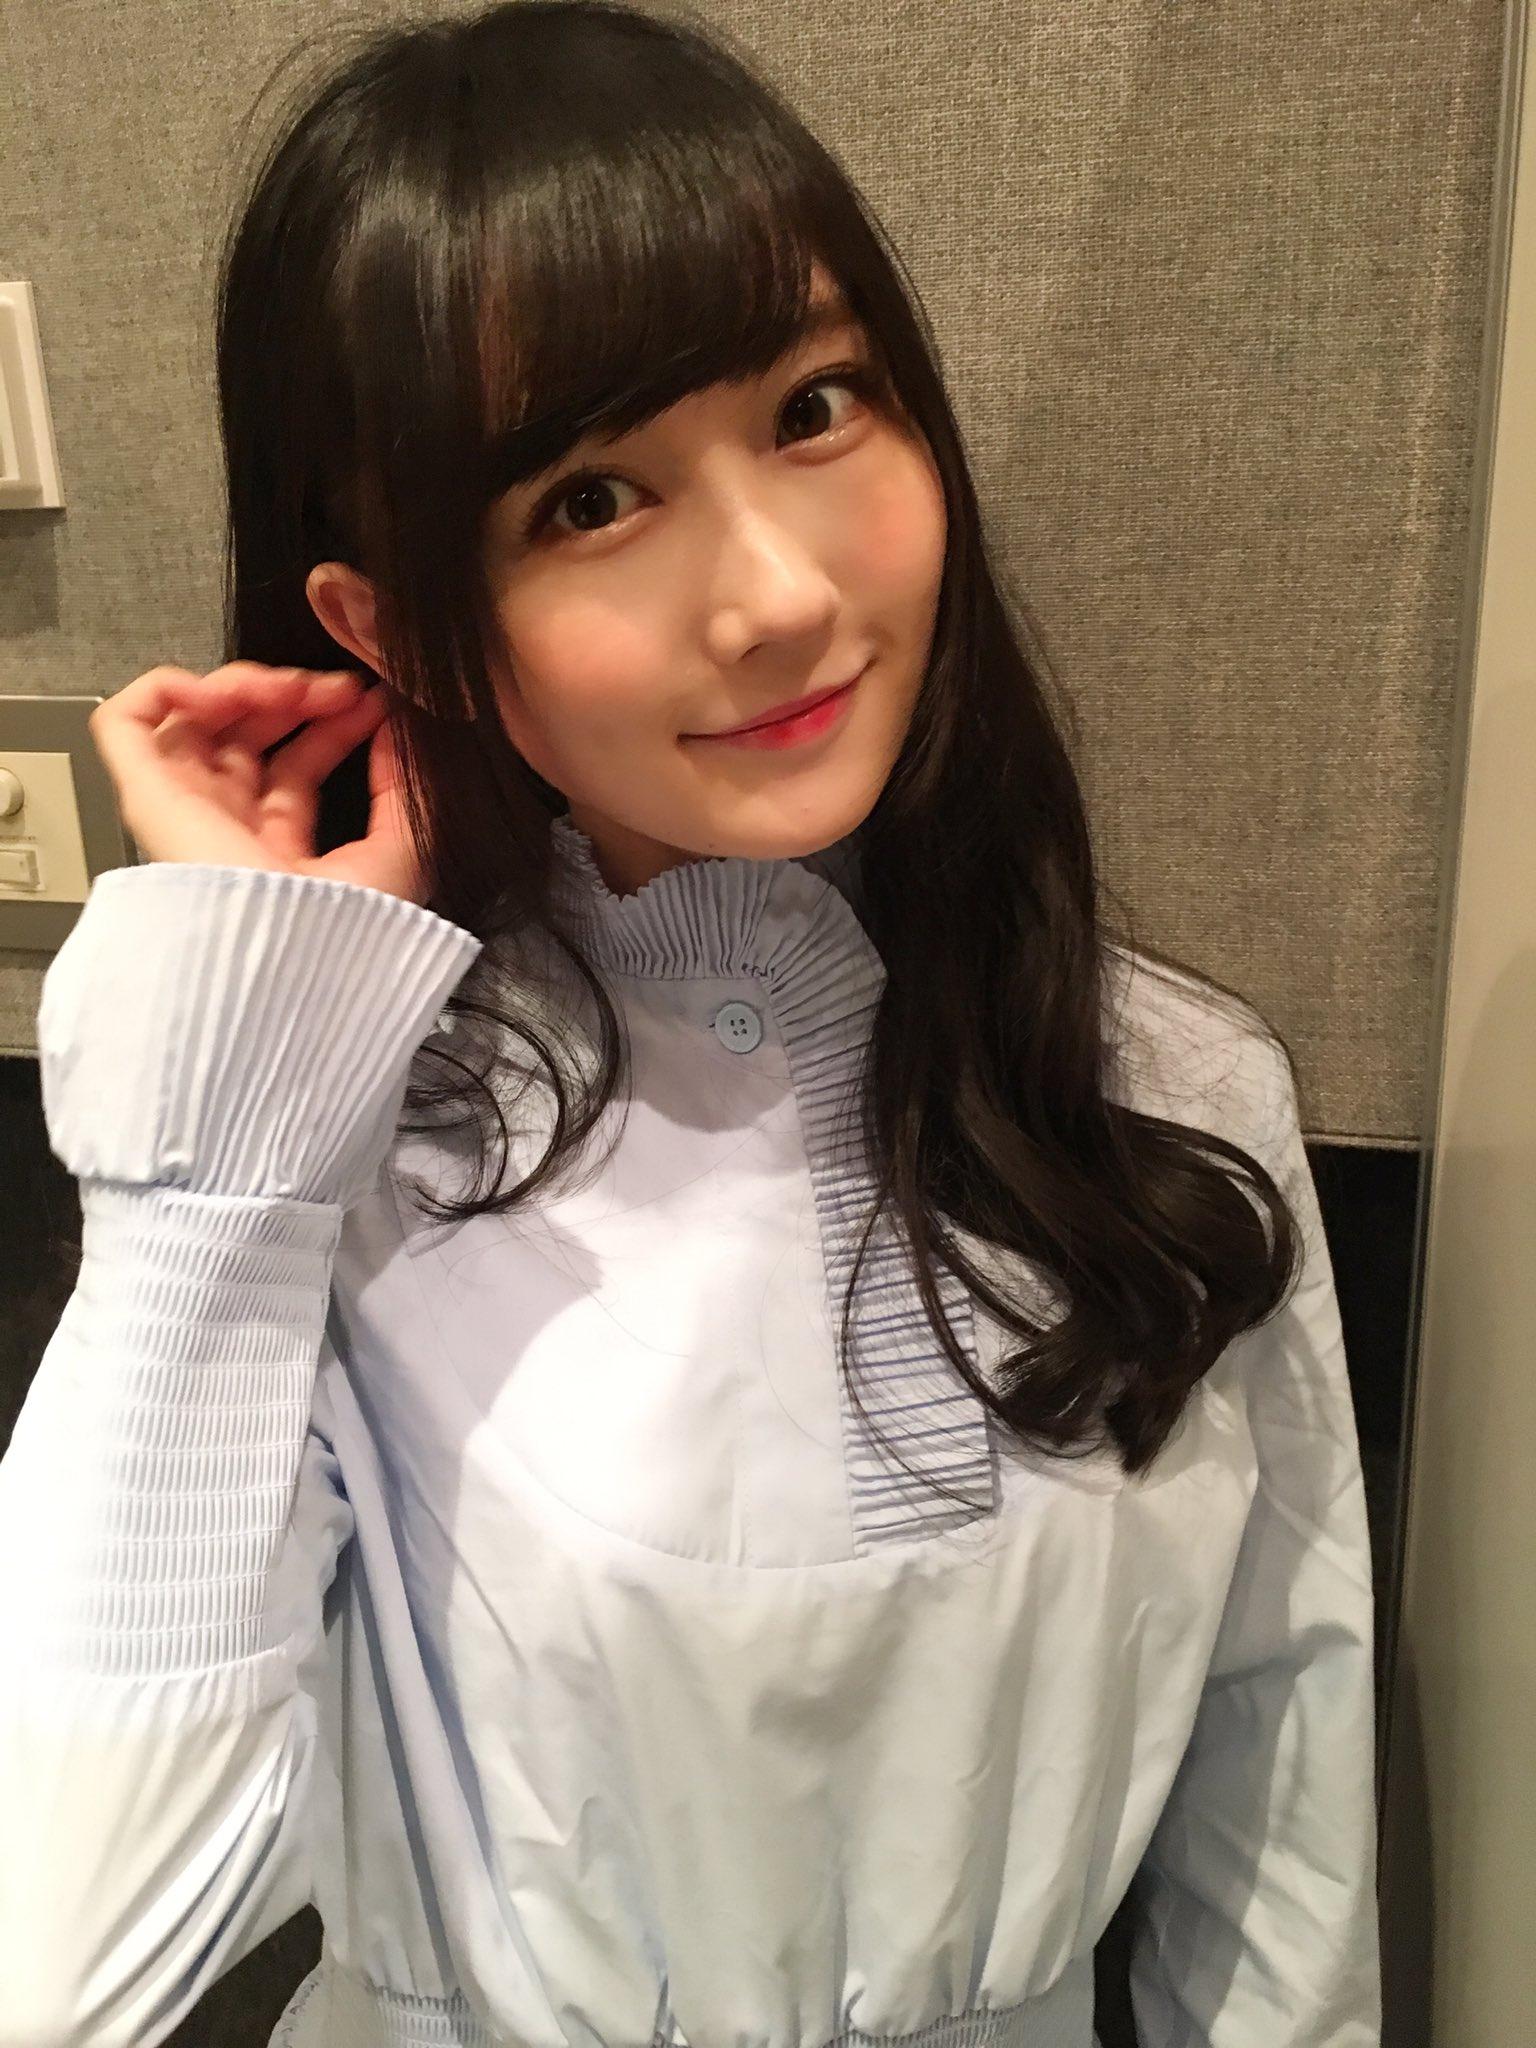 NMB48】矢倉楓子 画像まとめ【ふ...